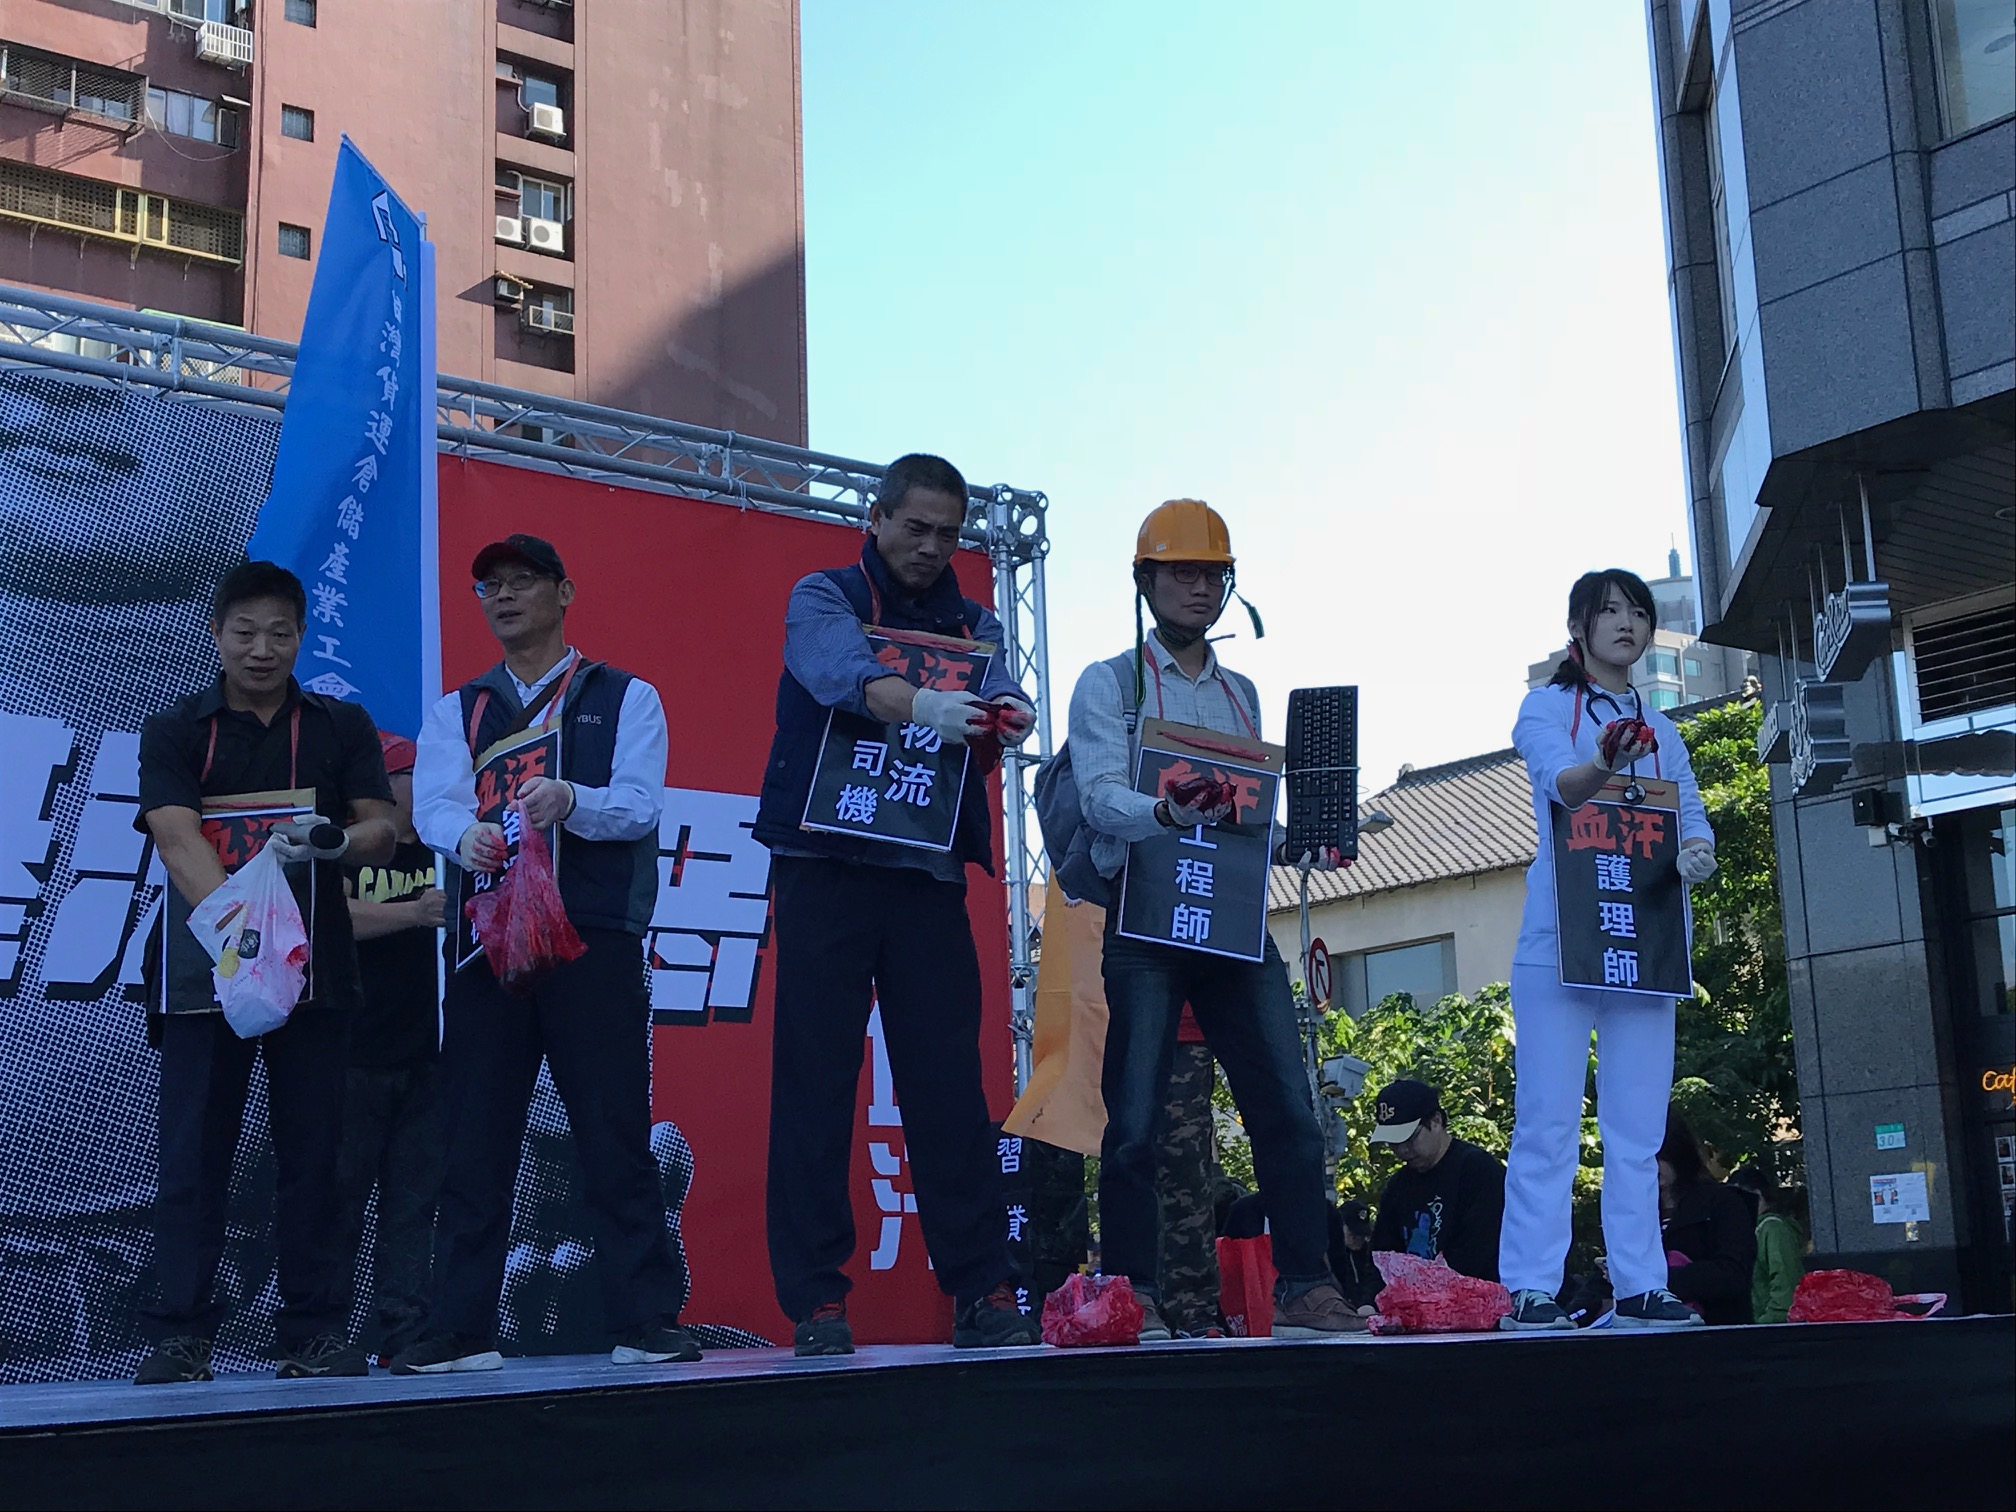 勞團再發反勞基法修法遊行 萬人高喊「拒絕過勞、退回惡法」